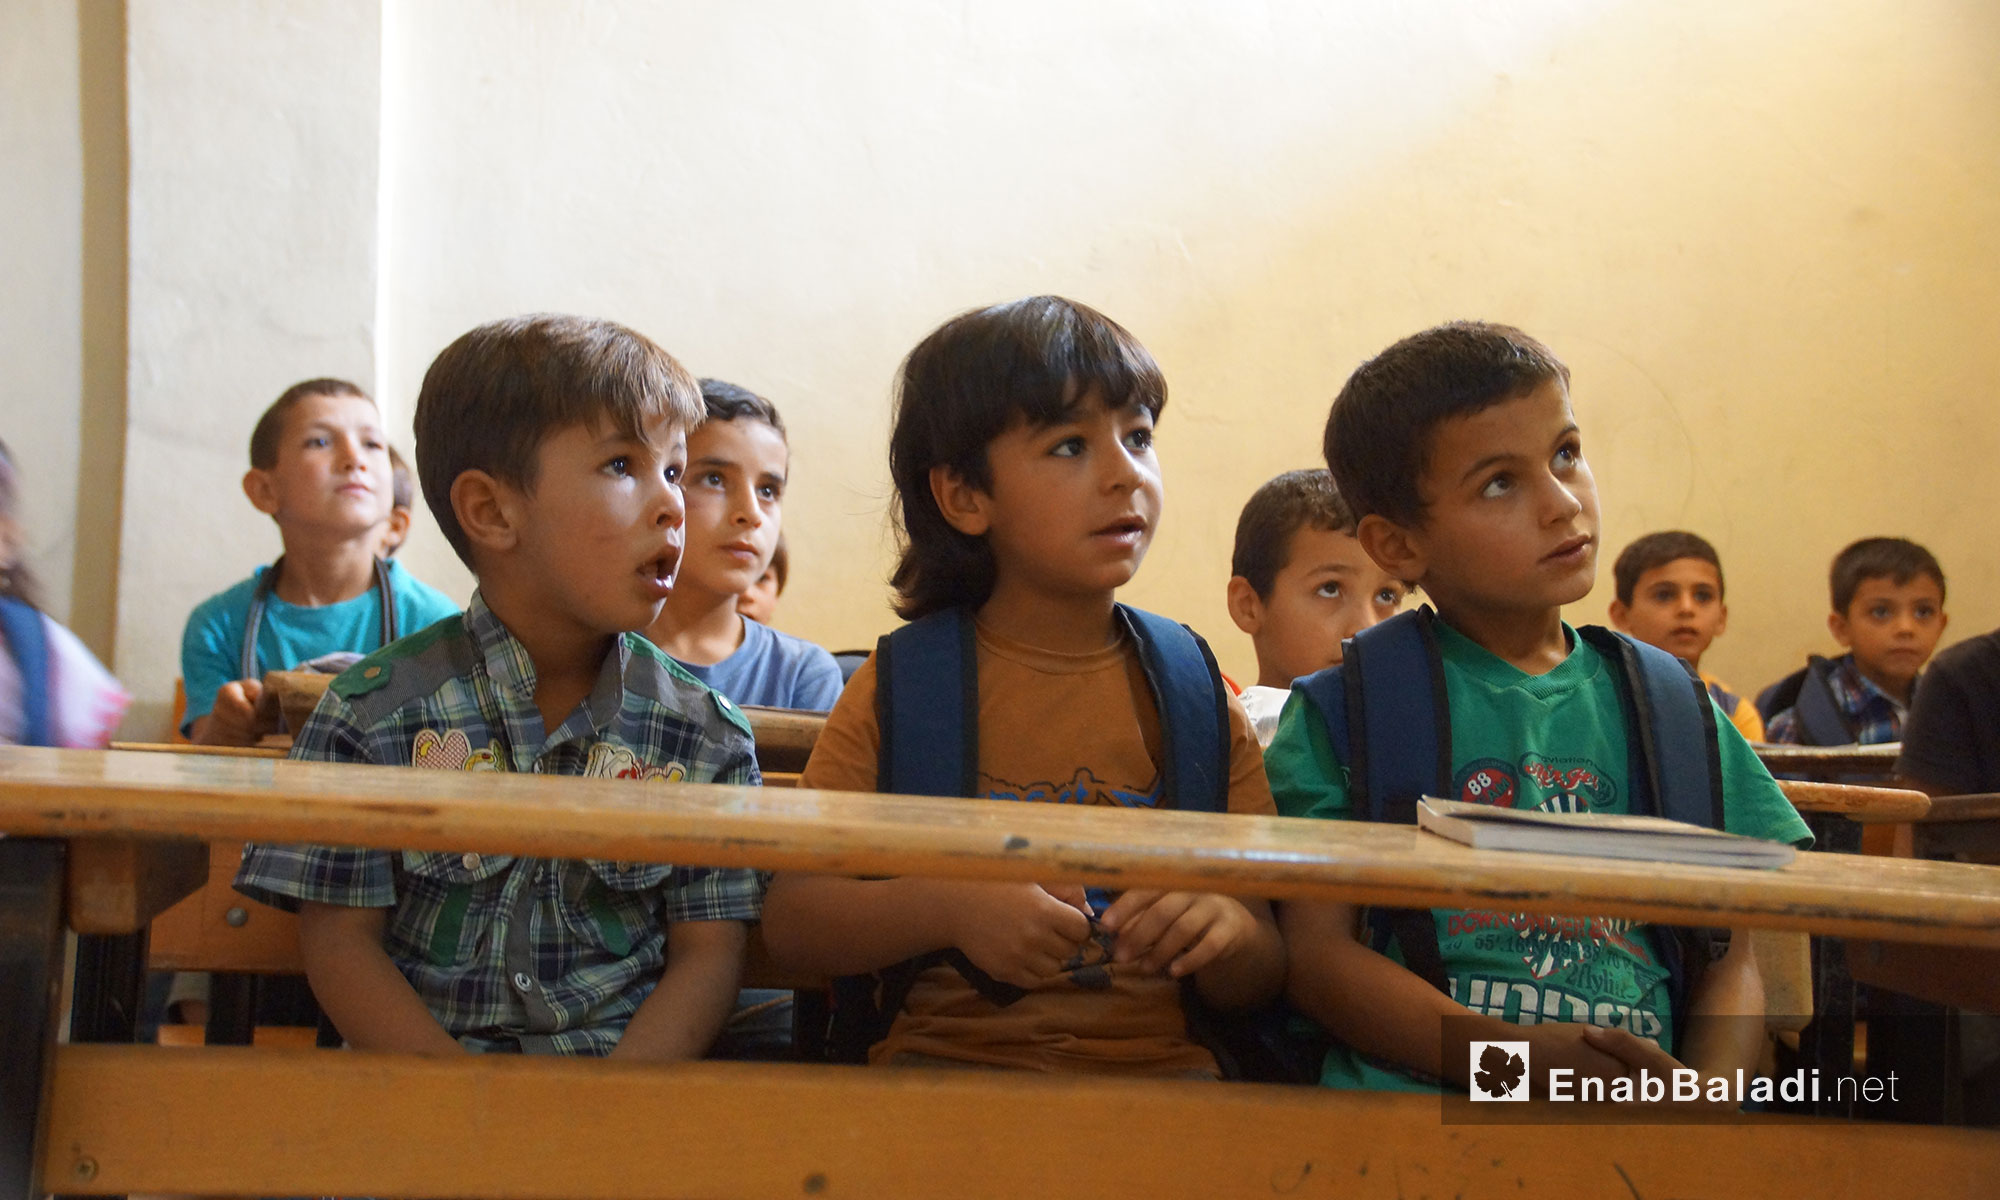 روضة مجانية خاصة  للأطفال الأيتام من حماه وادلب في بلدة كفرسجنة - 25 تموز 2018 (عنب بلدي)